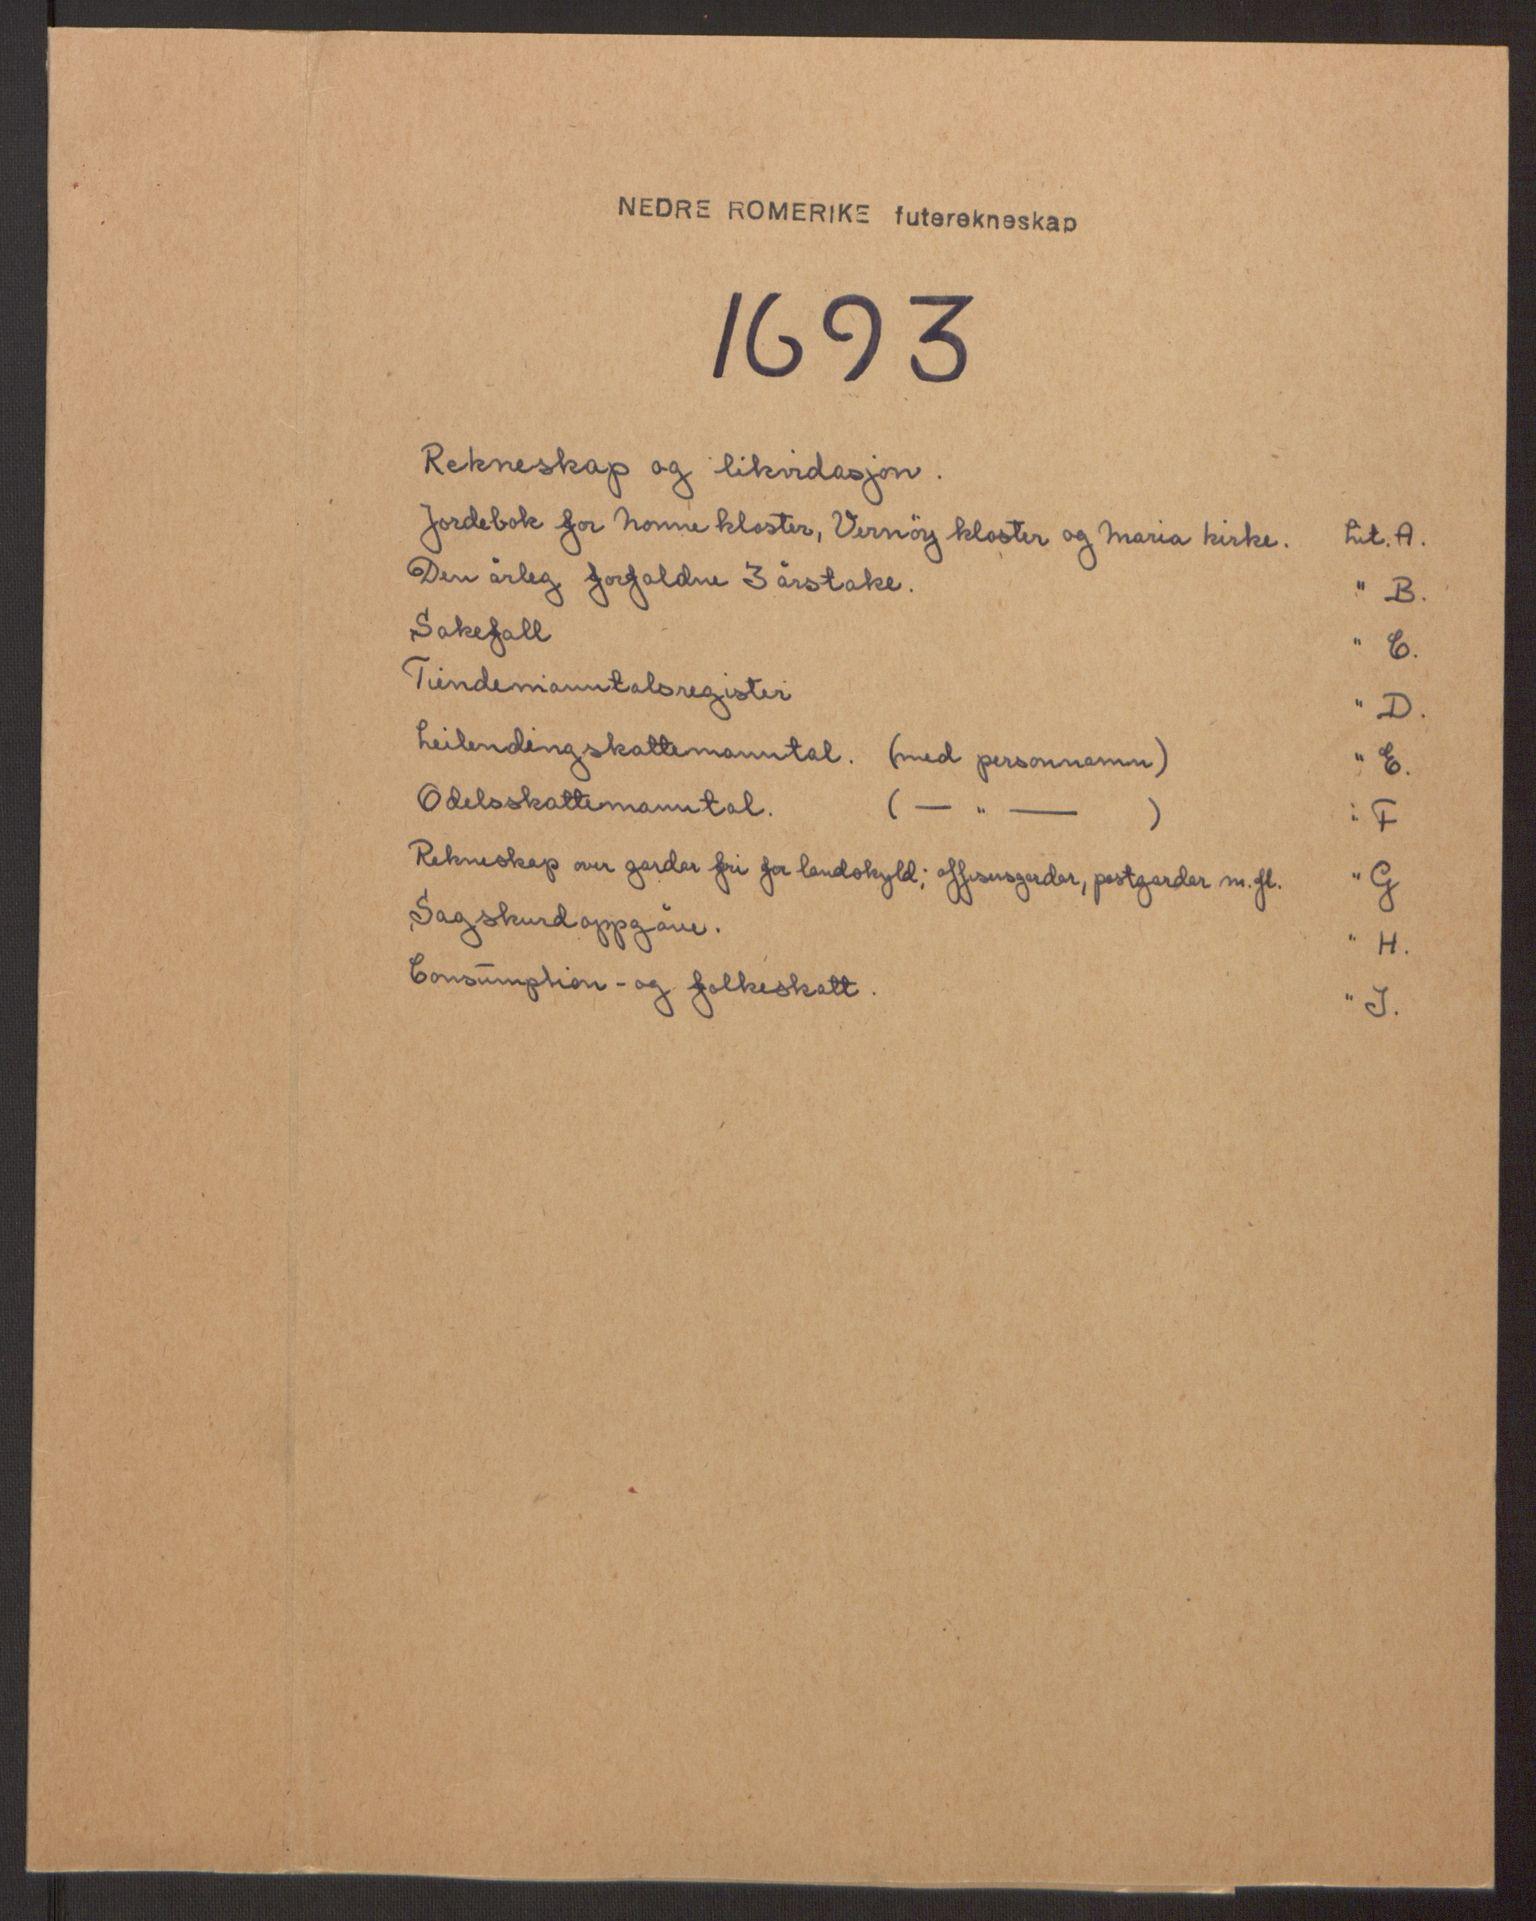 RA, Rentekammeret inntil 1814, Reviderte regnskaper, Fogderegnskap, R11/L0578: Fogderegnskap Nedre Romerike, 1693, s. 2